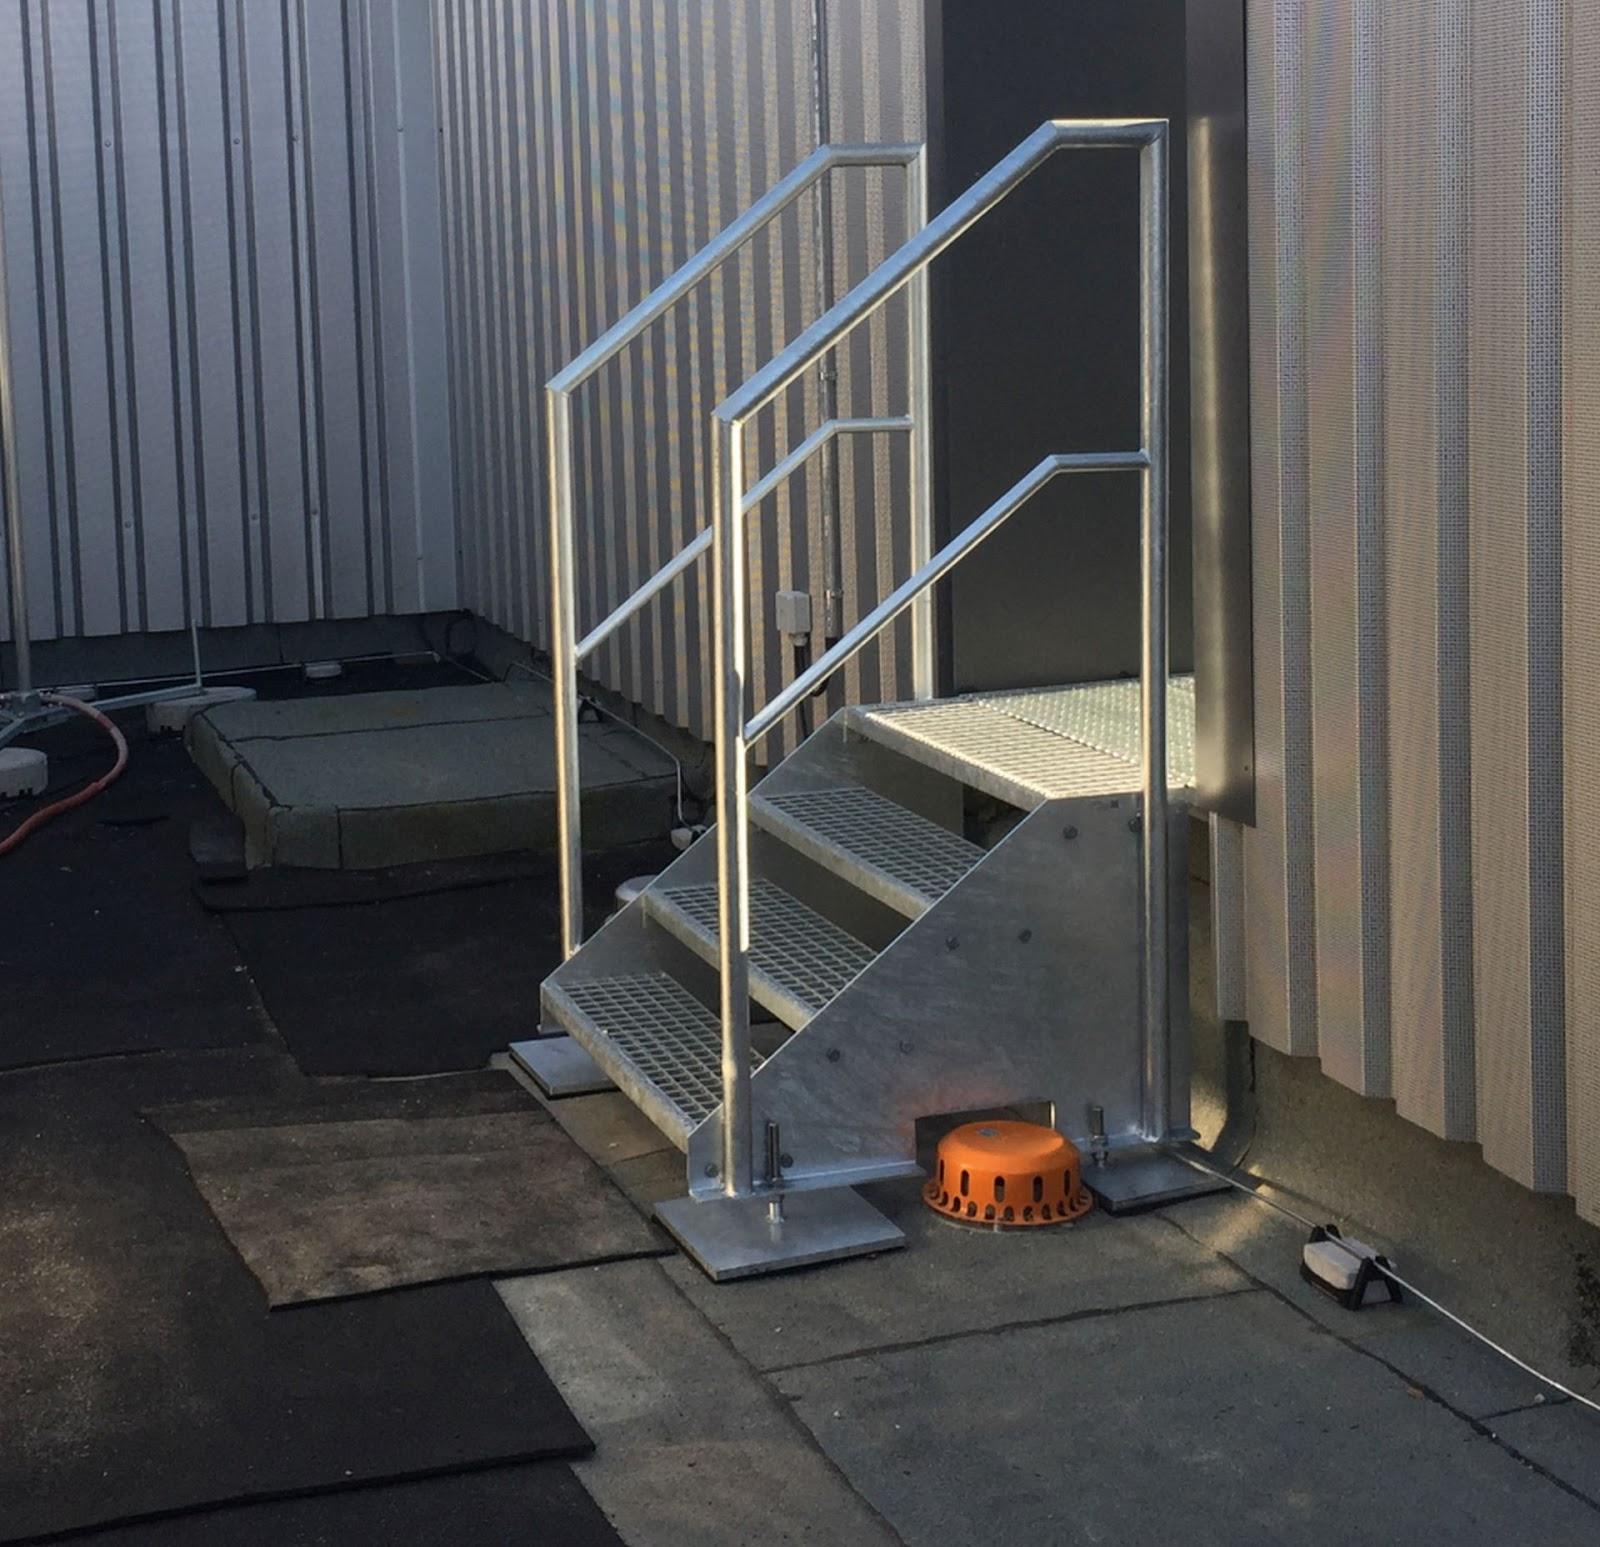 Bei Einem Großen Bauvorhaben In Köln Wurden Etliche Wartungstreppen Und Podeste Aus Gitterrosten Benötigt Im Bereich Der Dachaufbauten Gibt Es Überstiege